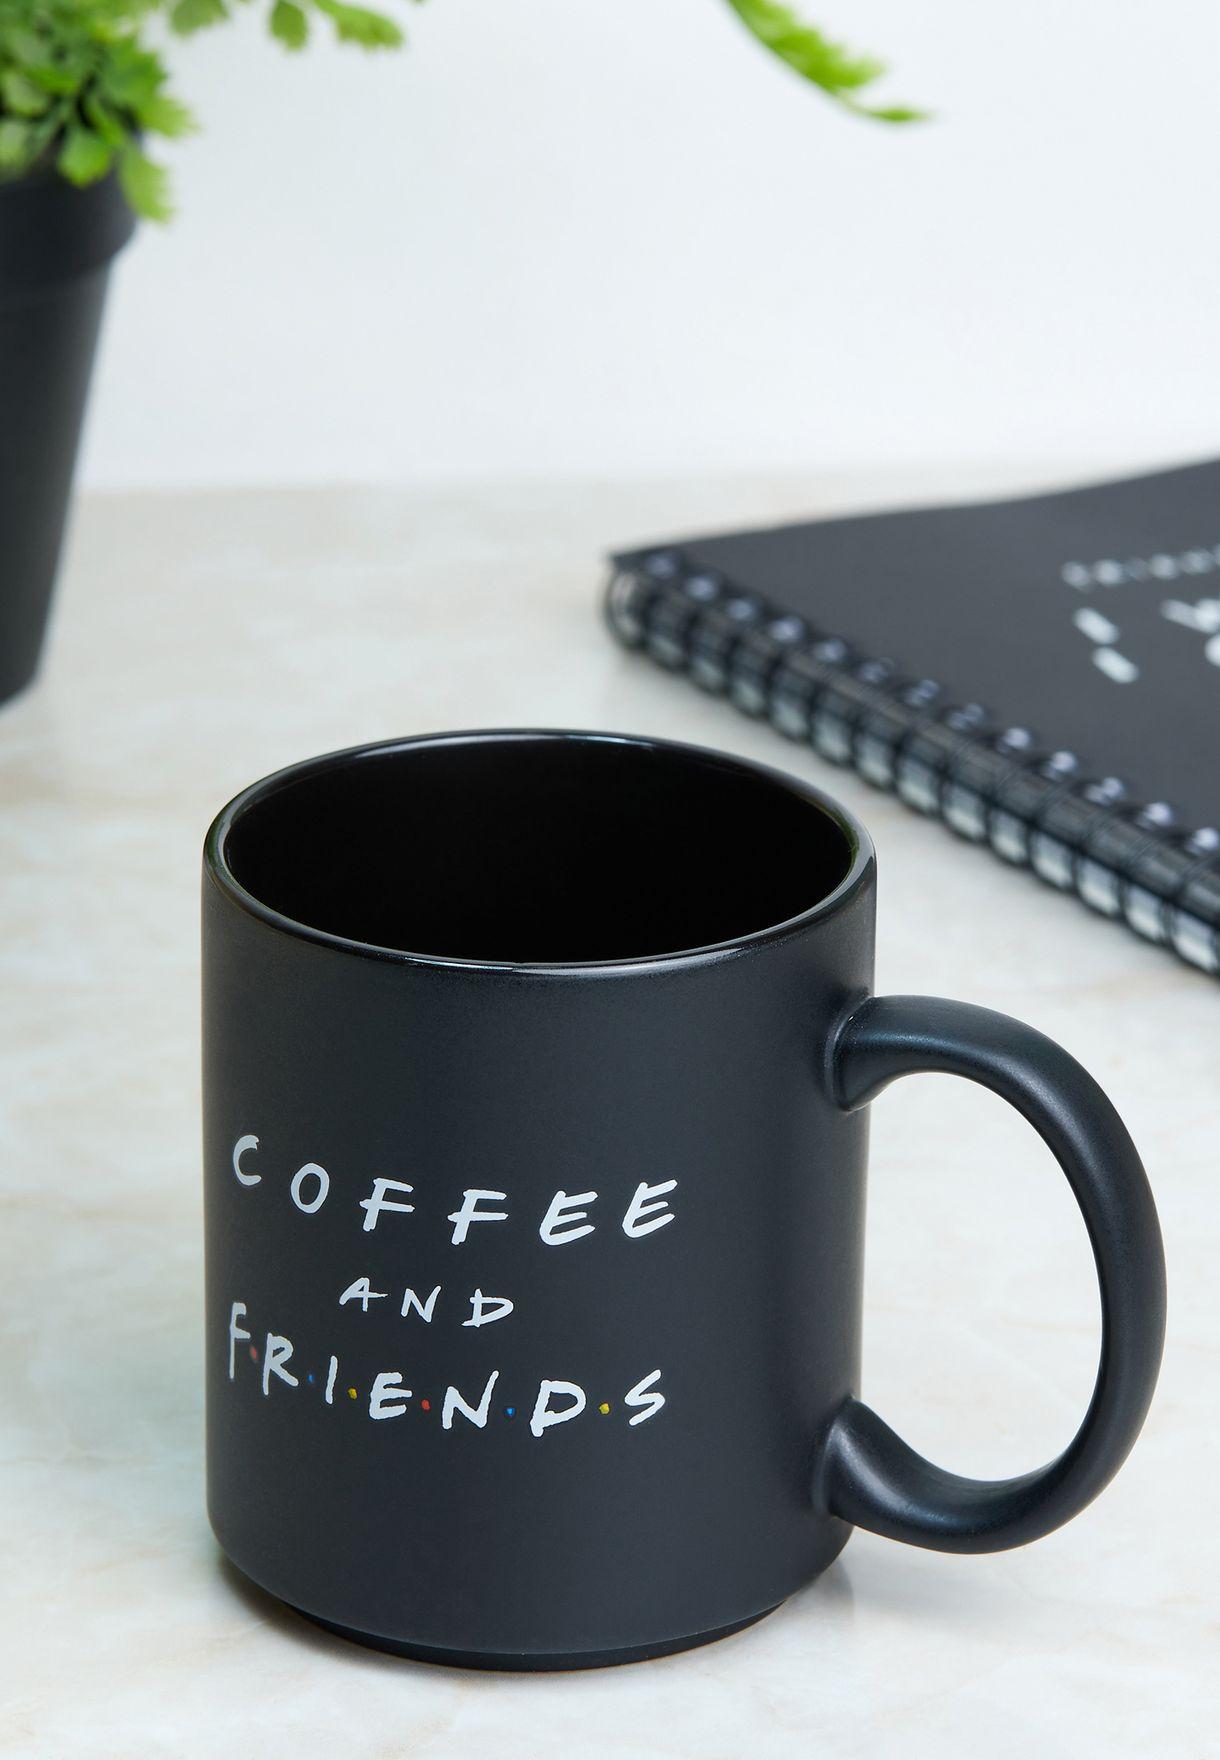 مج قهوة بطبعة فريندز